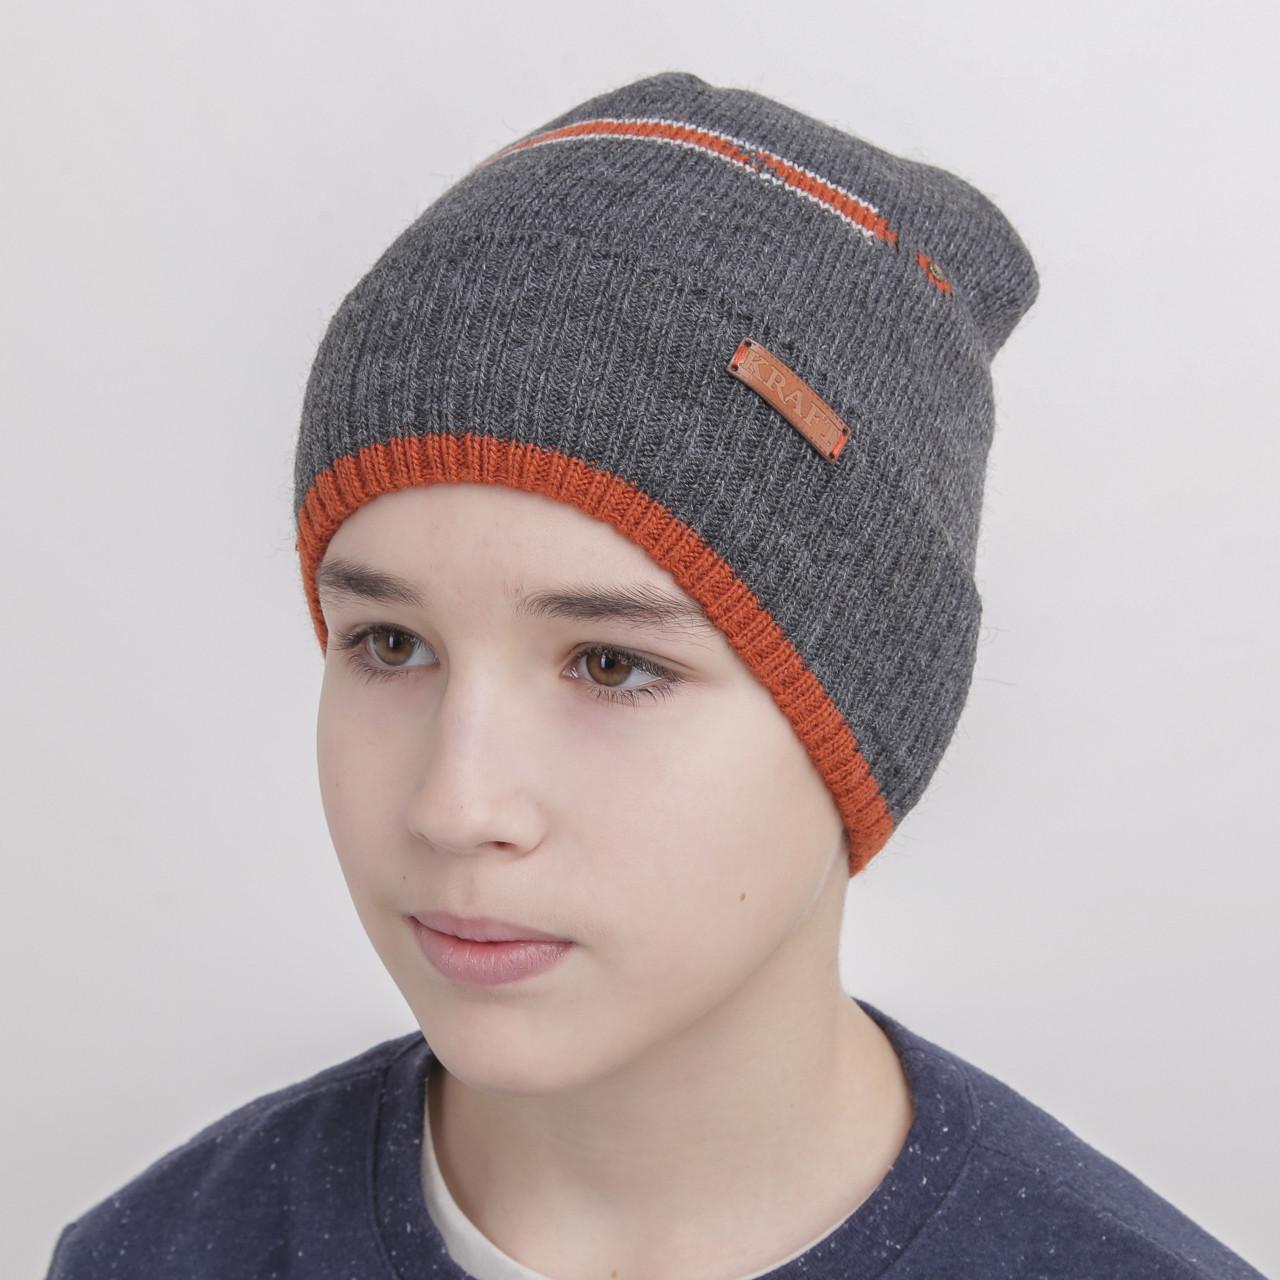 Шапка для мальчика подростка на флисе - Артикул 1079 (темно-серая)